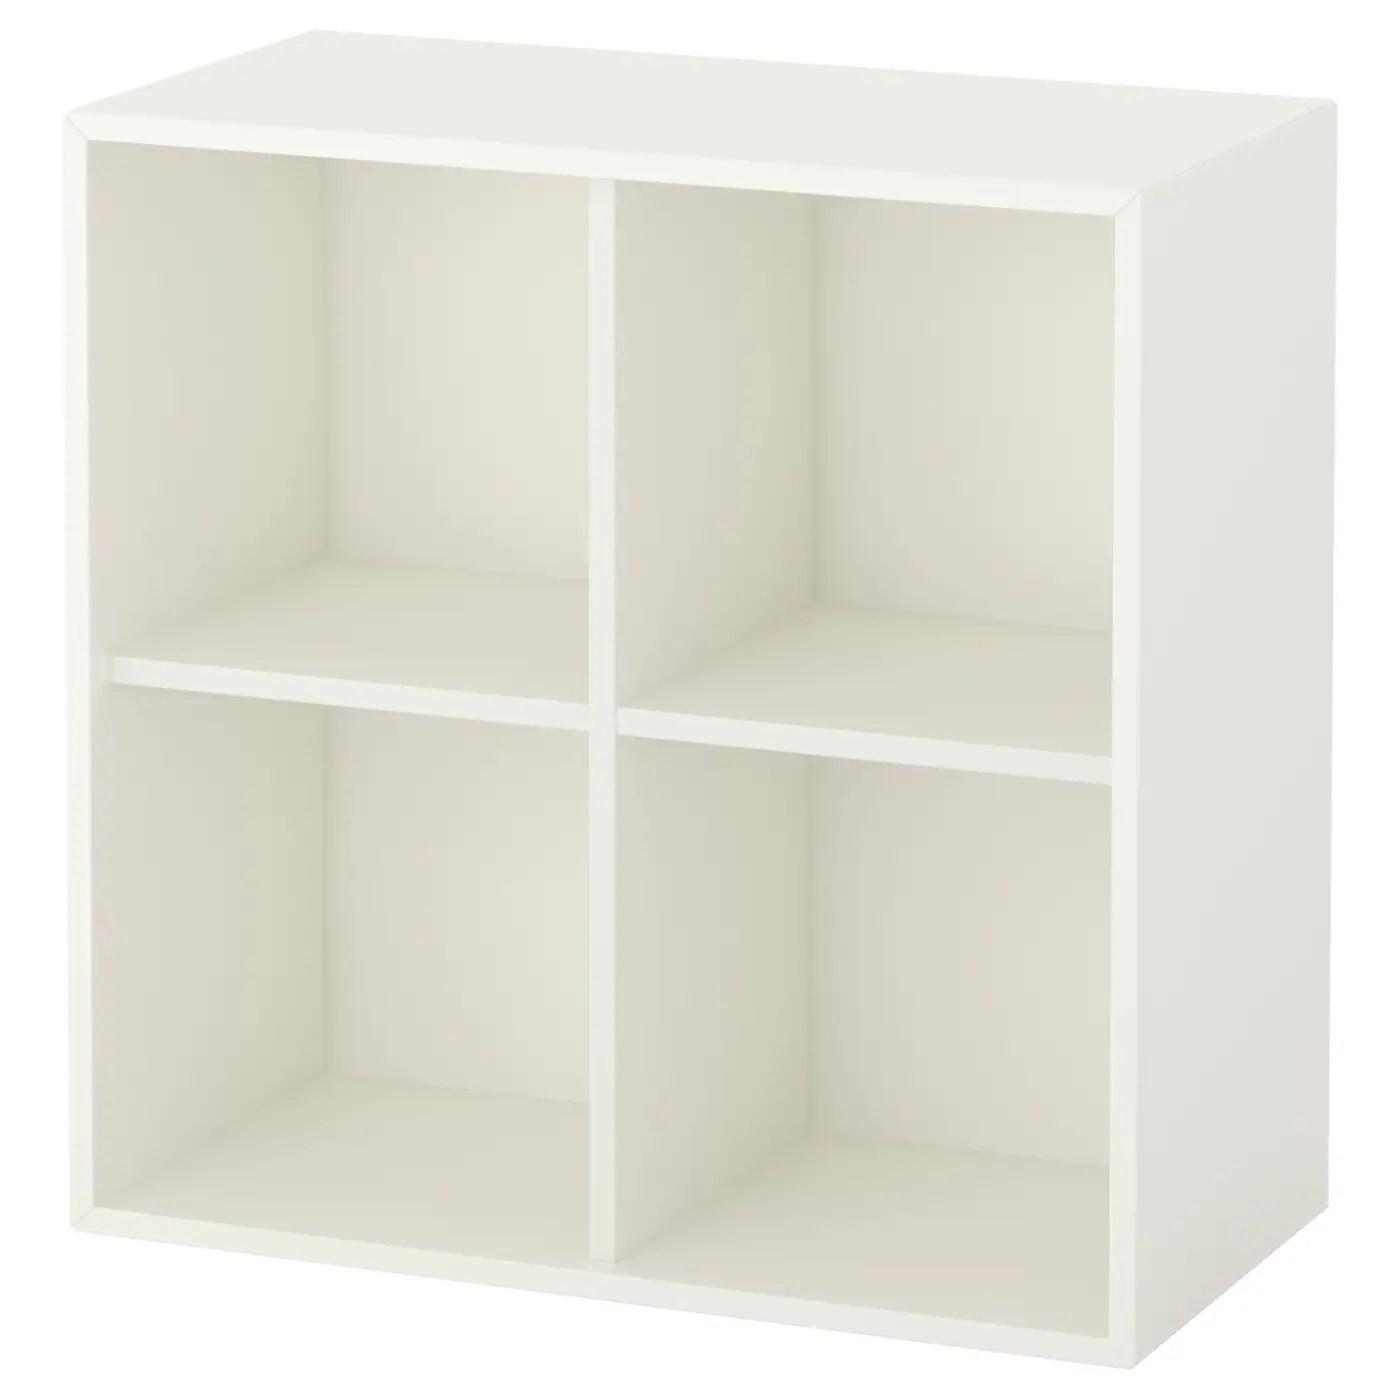 eket rangement 4 compartiments blanc 70x35x70 cm